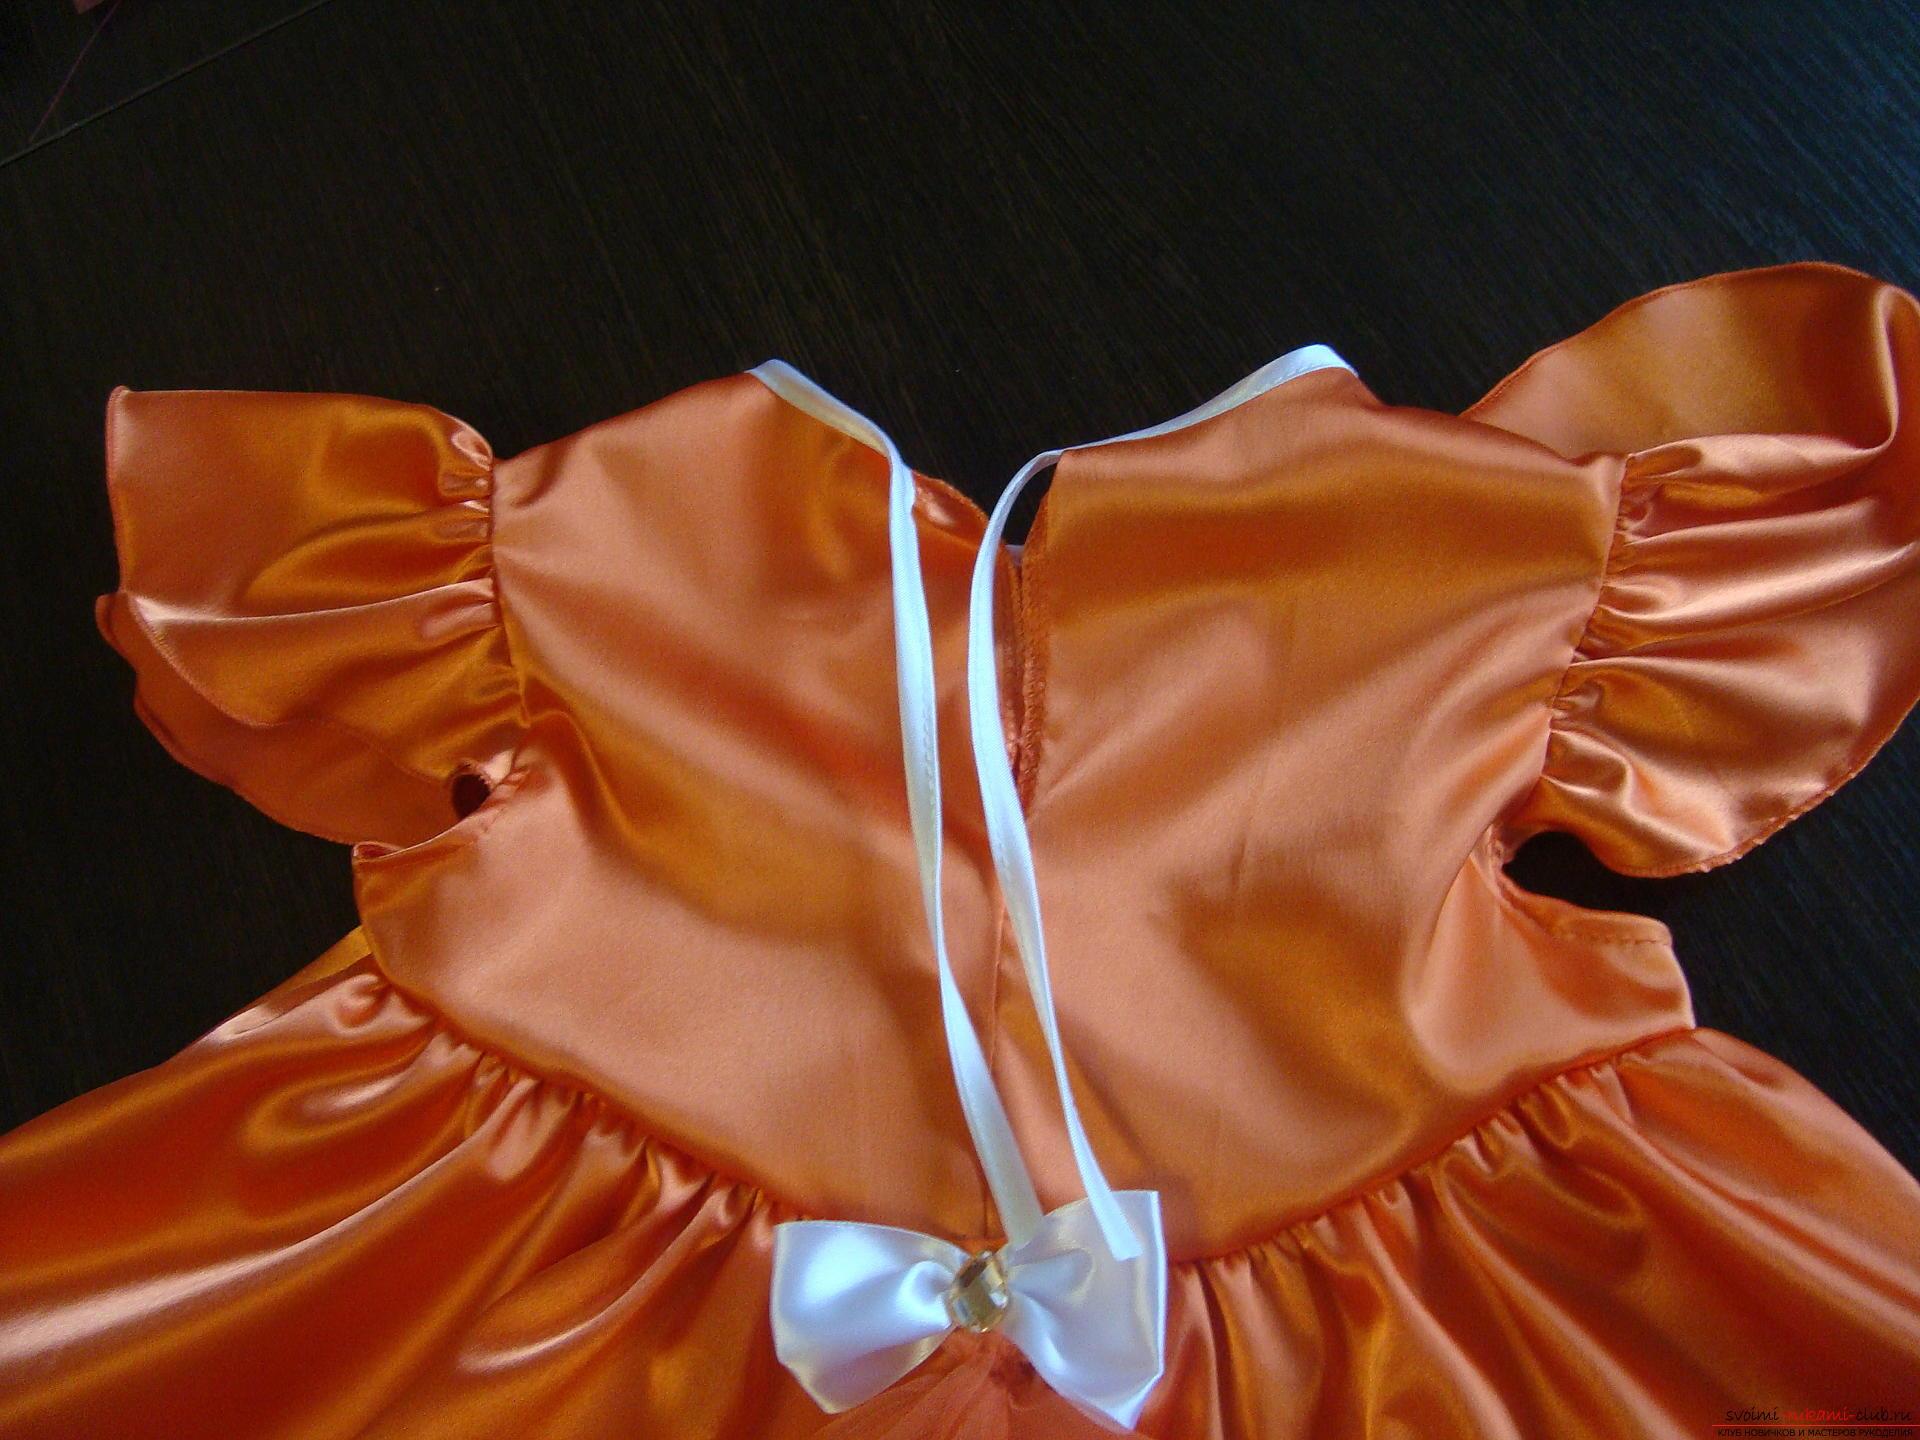 Этот мастер-класс научит как сшить своими руками детский карнавальный костюм лисы для девочки. Фото №6